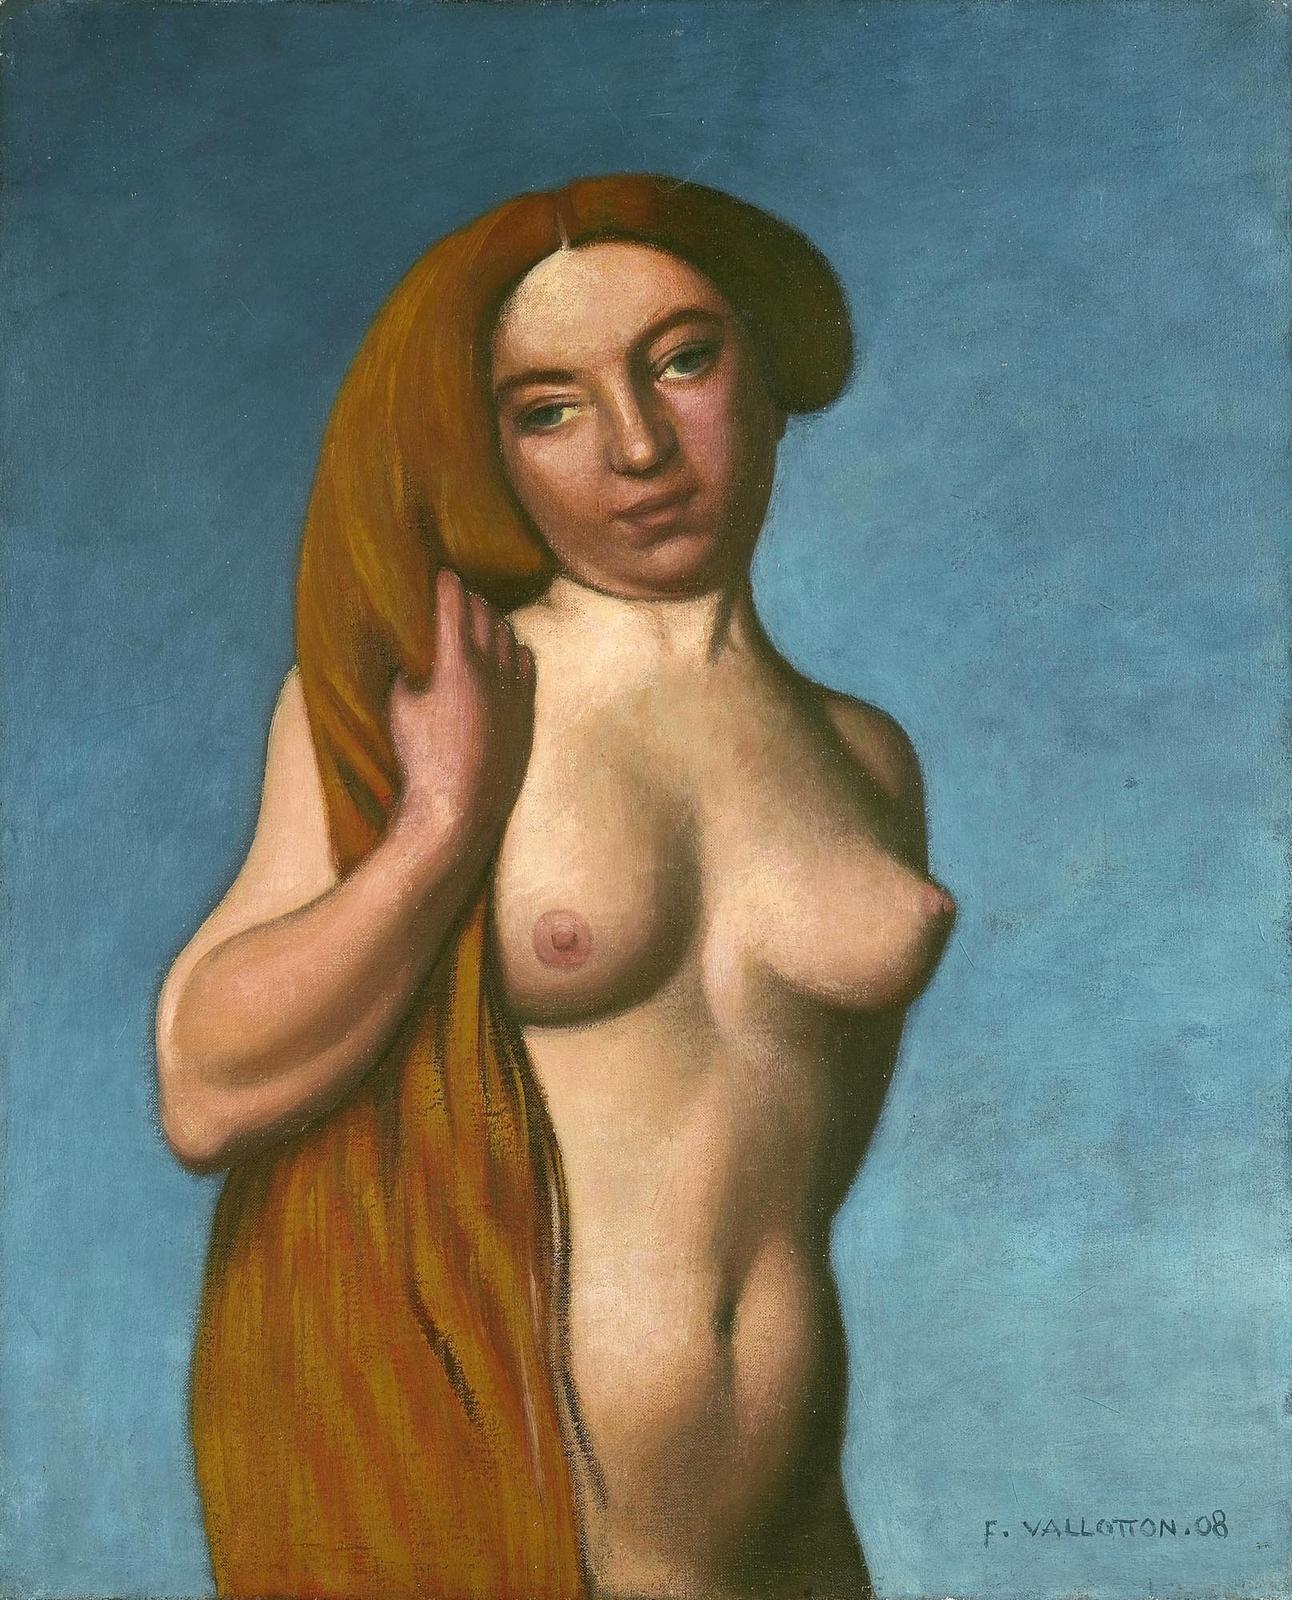 Феликс Валлеттон. 1908. Торс девушки с рыжими волосами (Torse De Femme, Cheveux Roux Defaits). 61 х 50. Холст, масло. Частное собрание.